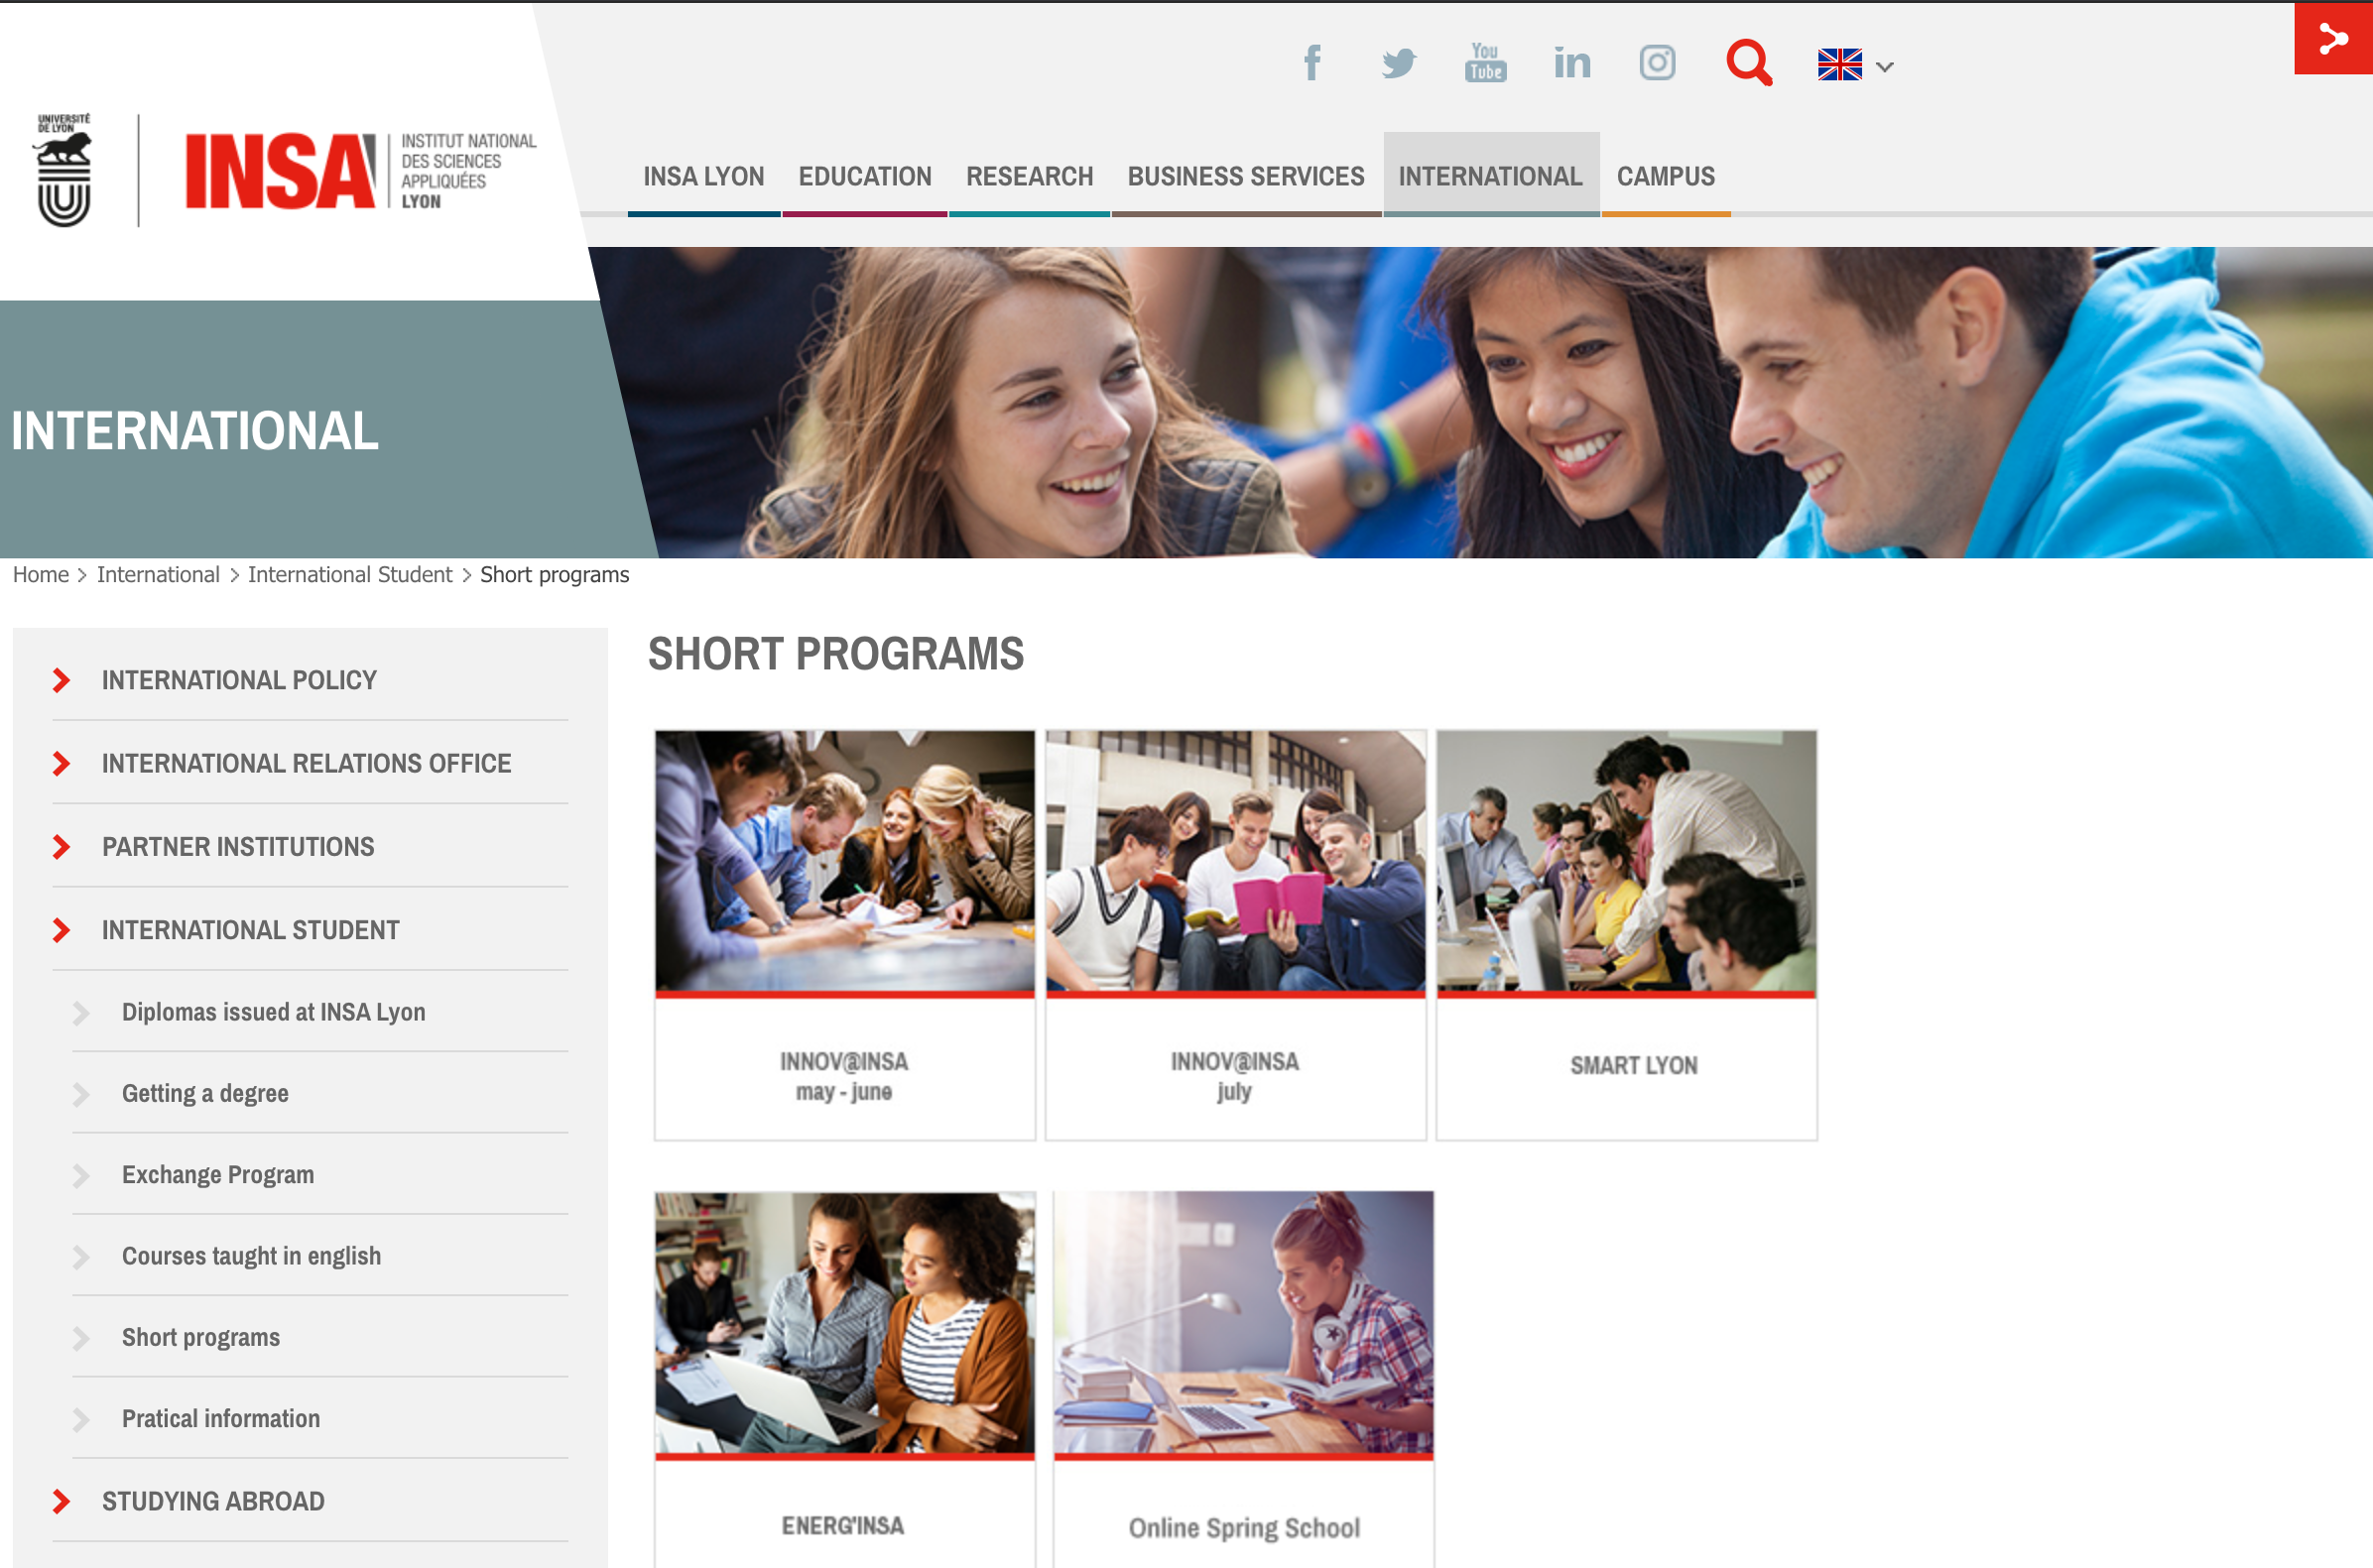 INSA Lyon 2021′ summer programs